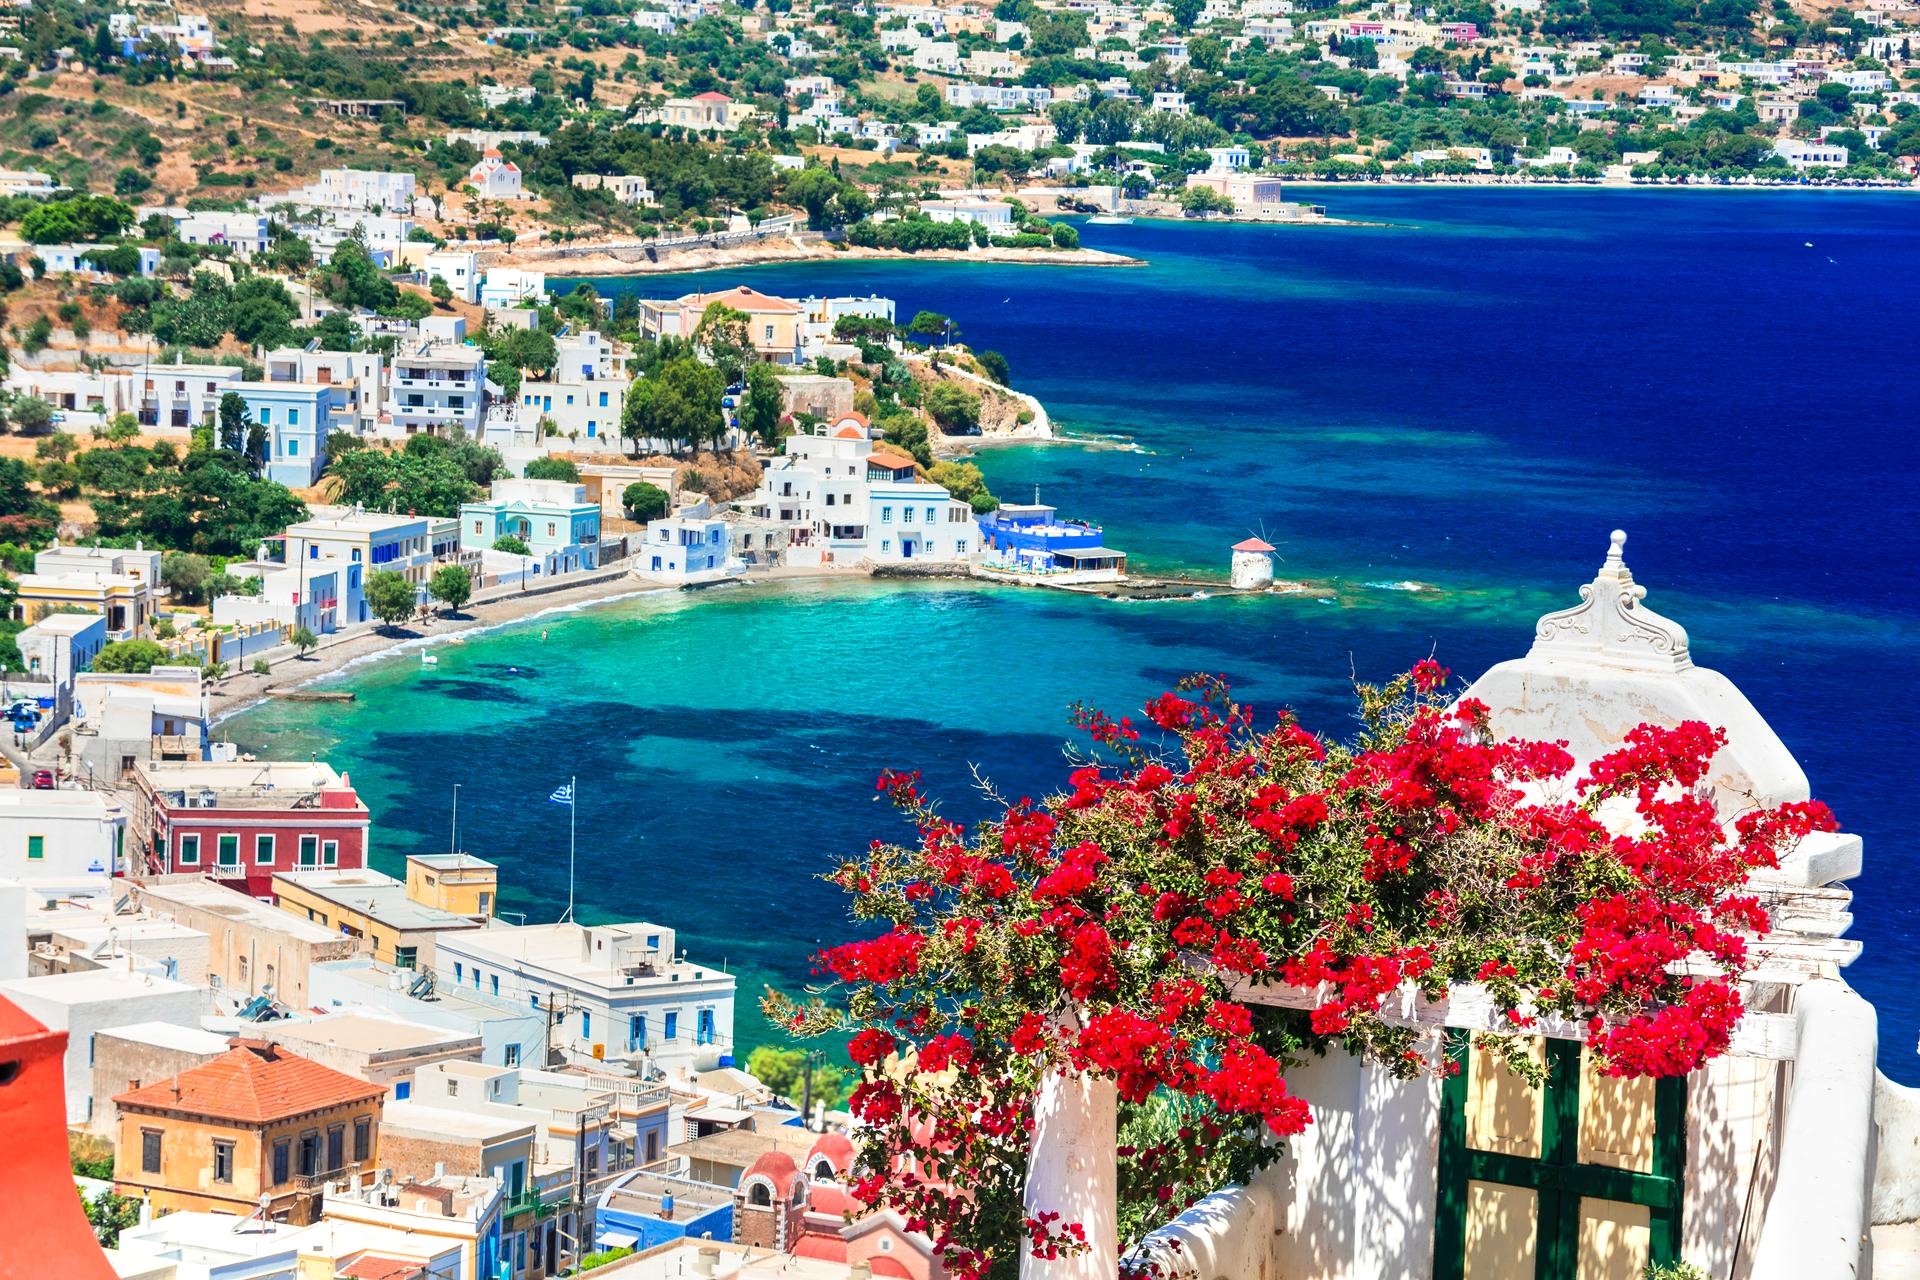 Agia Marina, Leros, Griekenland, blauwe zee, witte huisjes, rode bloemen